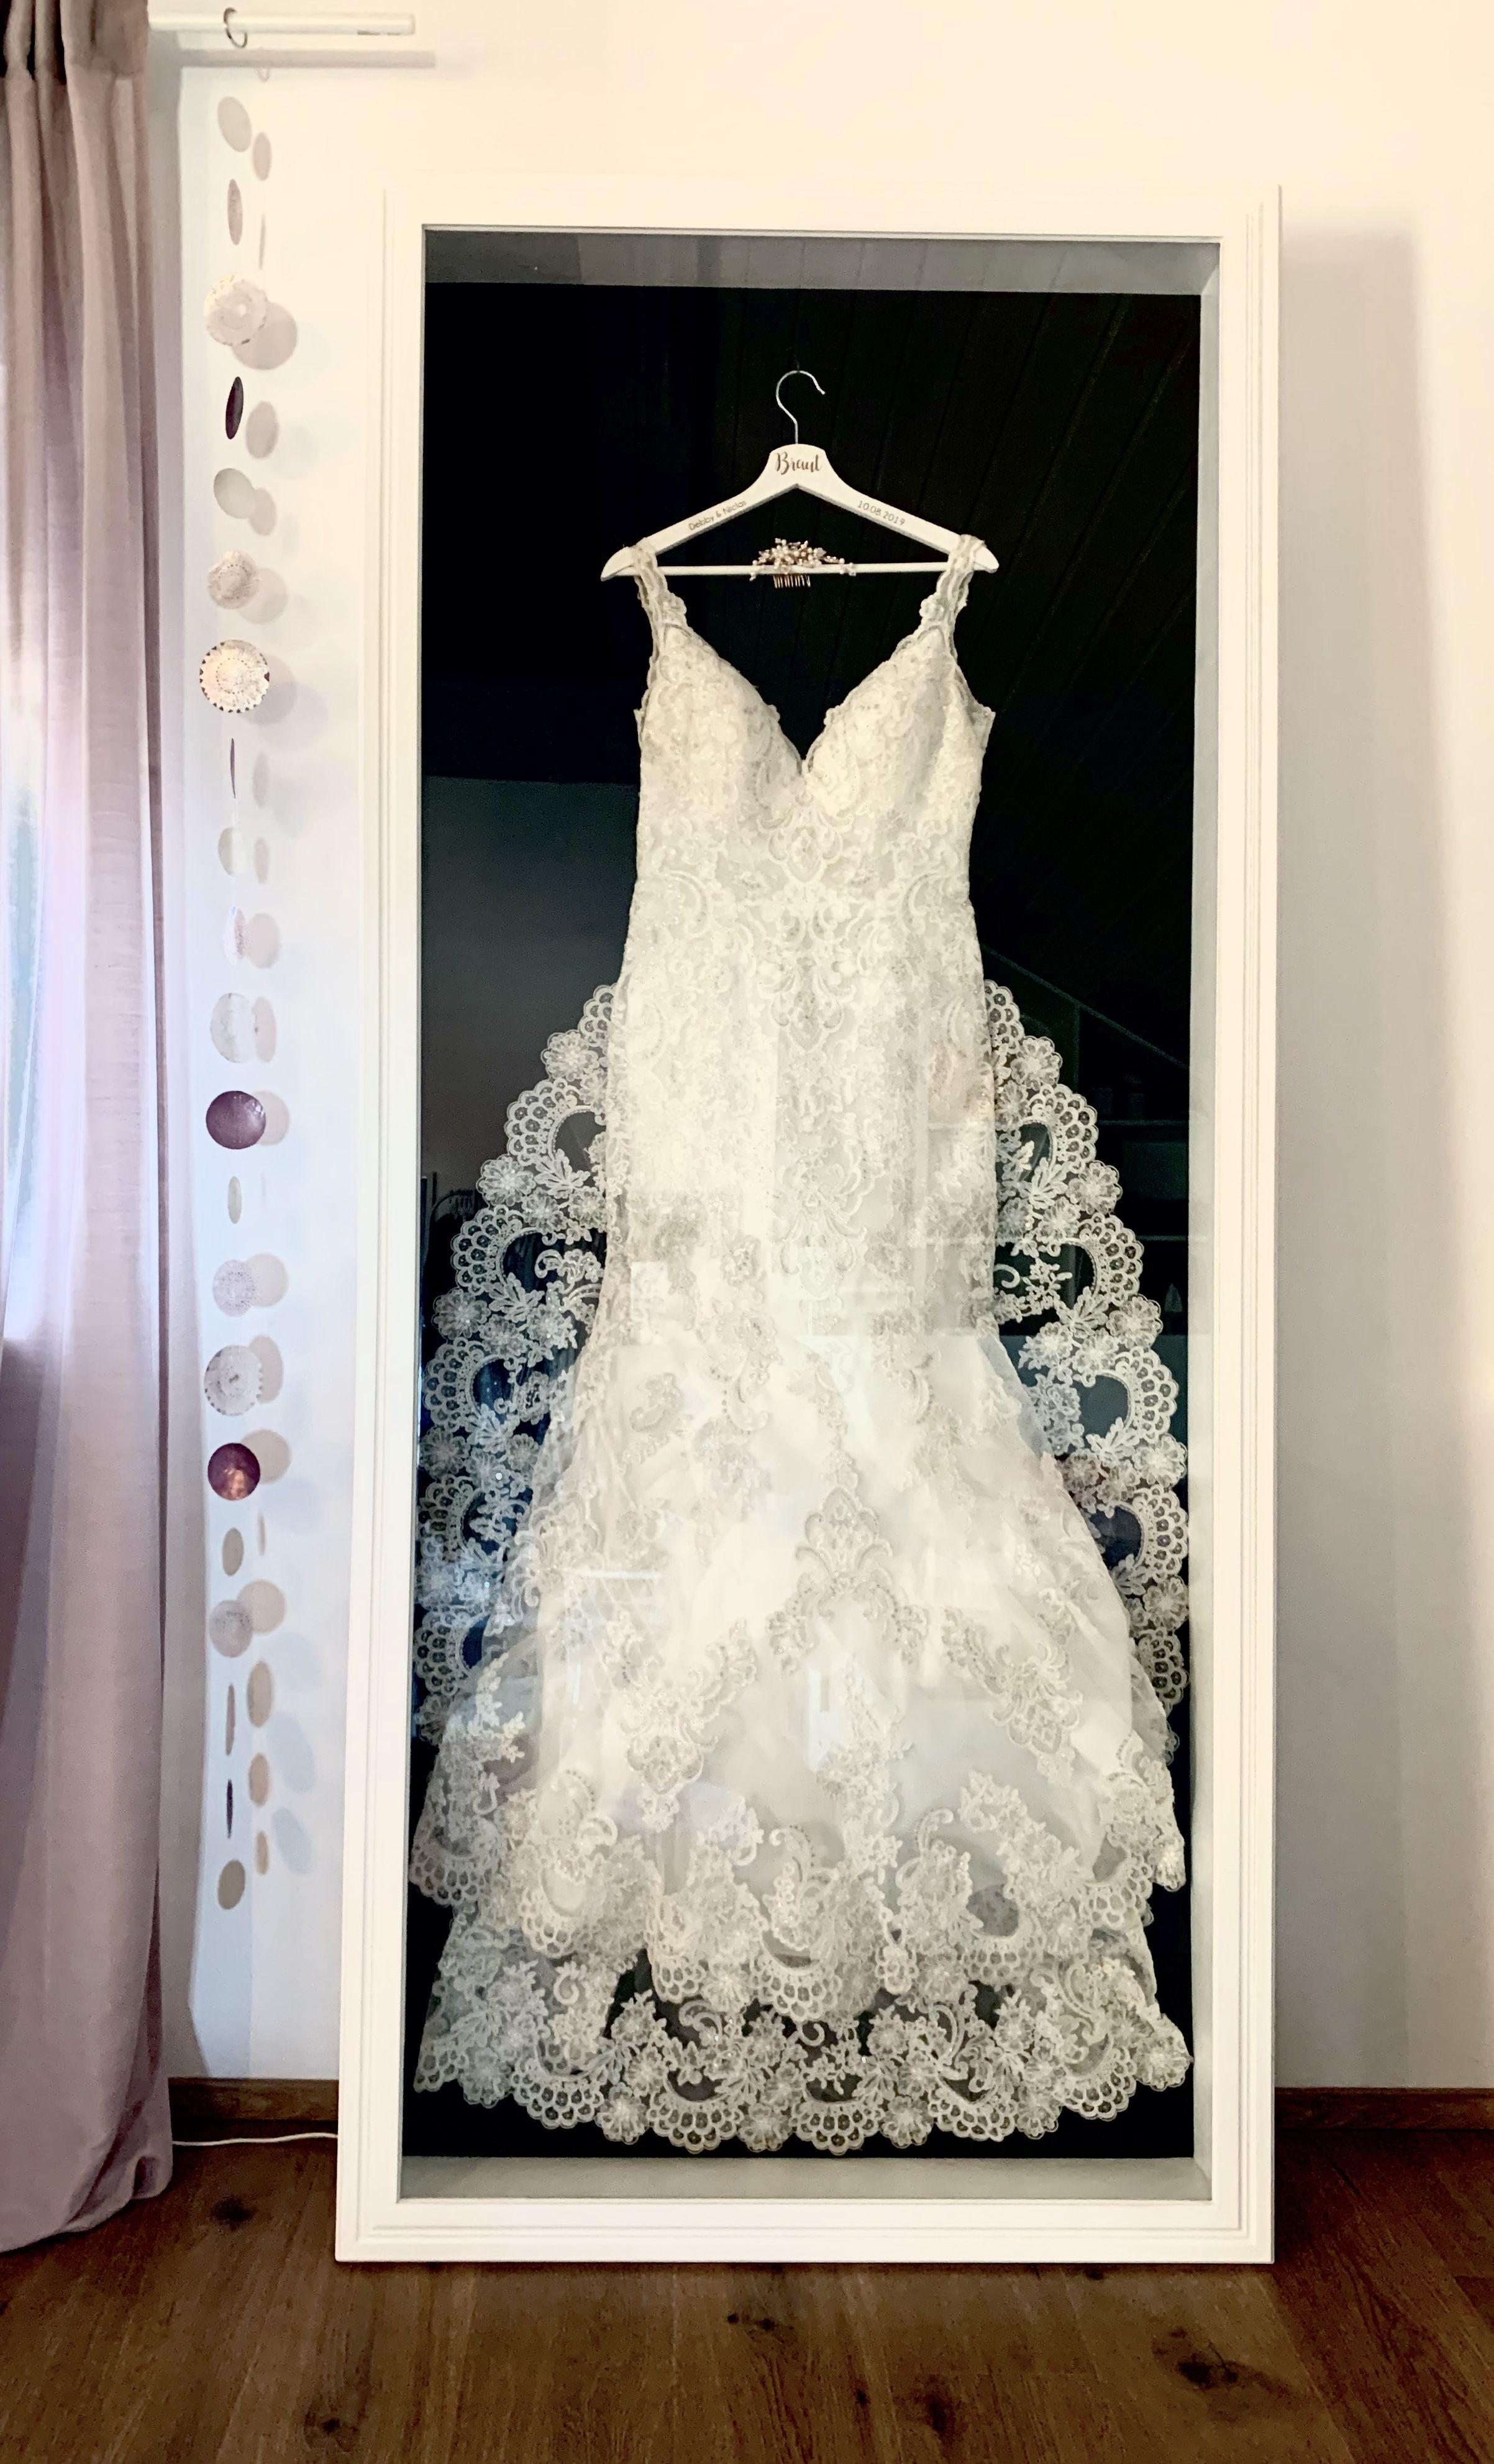 Eingerahmtes Brautkleid Hochzeitskleid Aufbewahren Brautkleid Rahmen Brautkleid